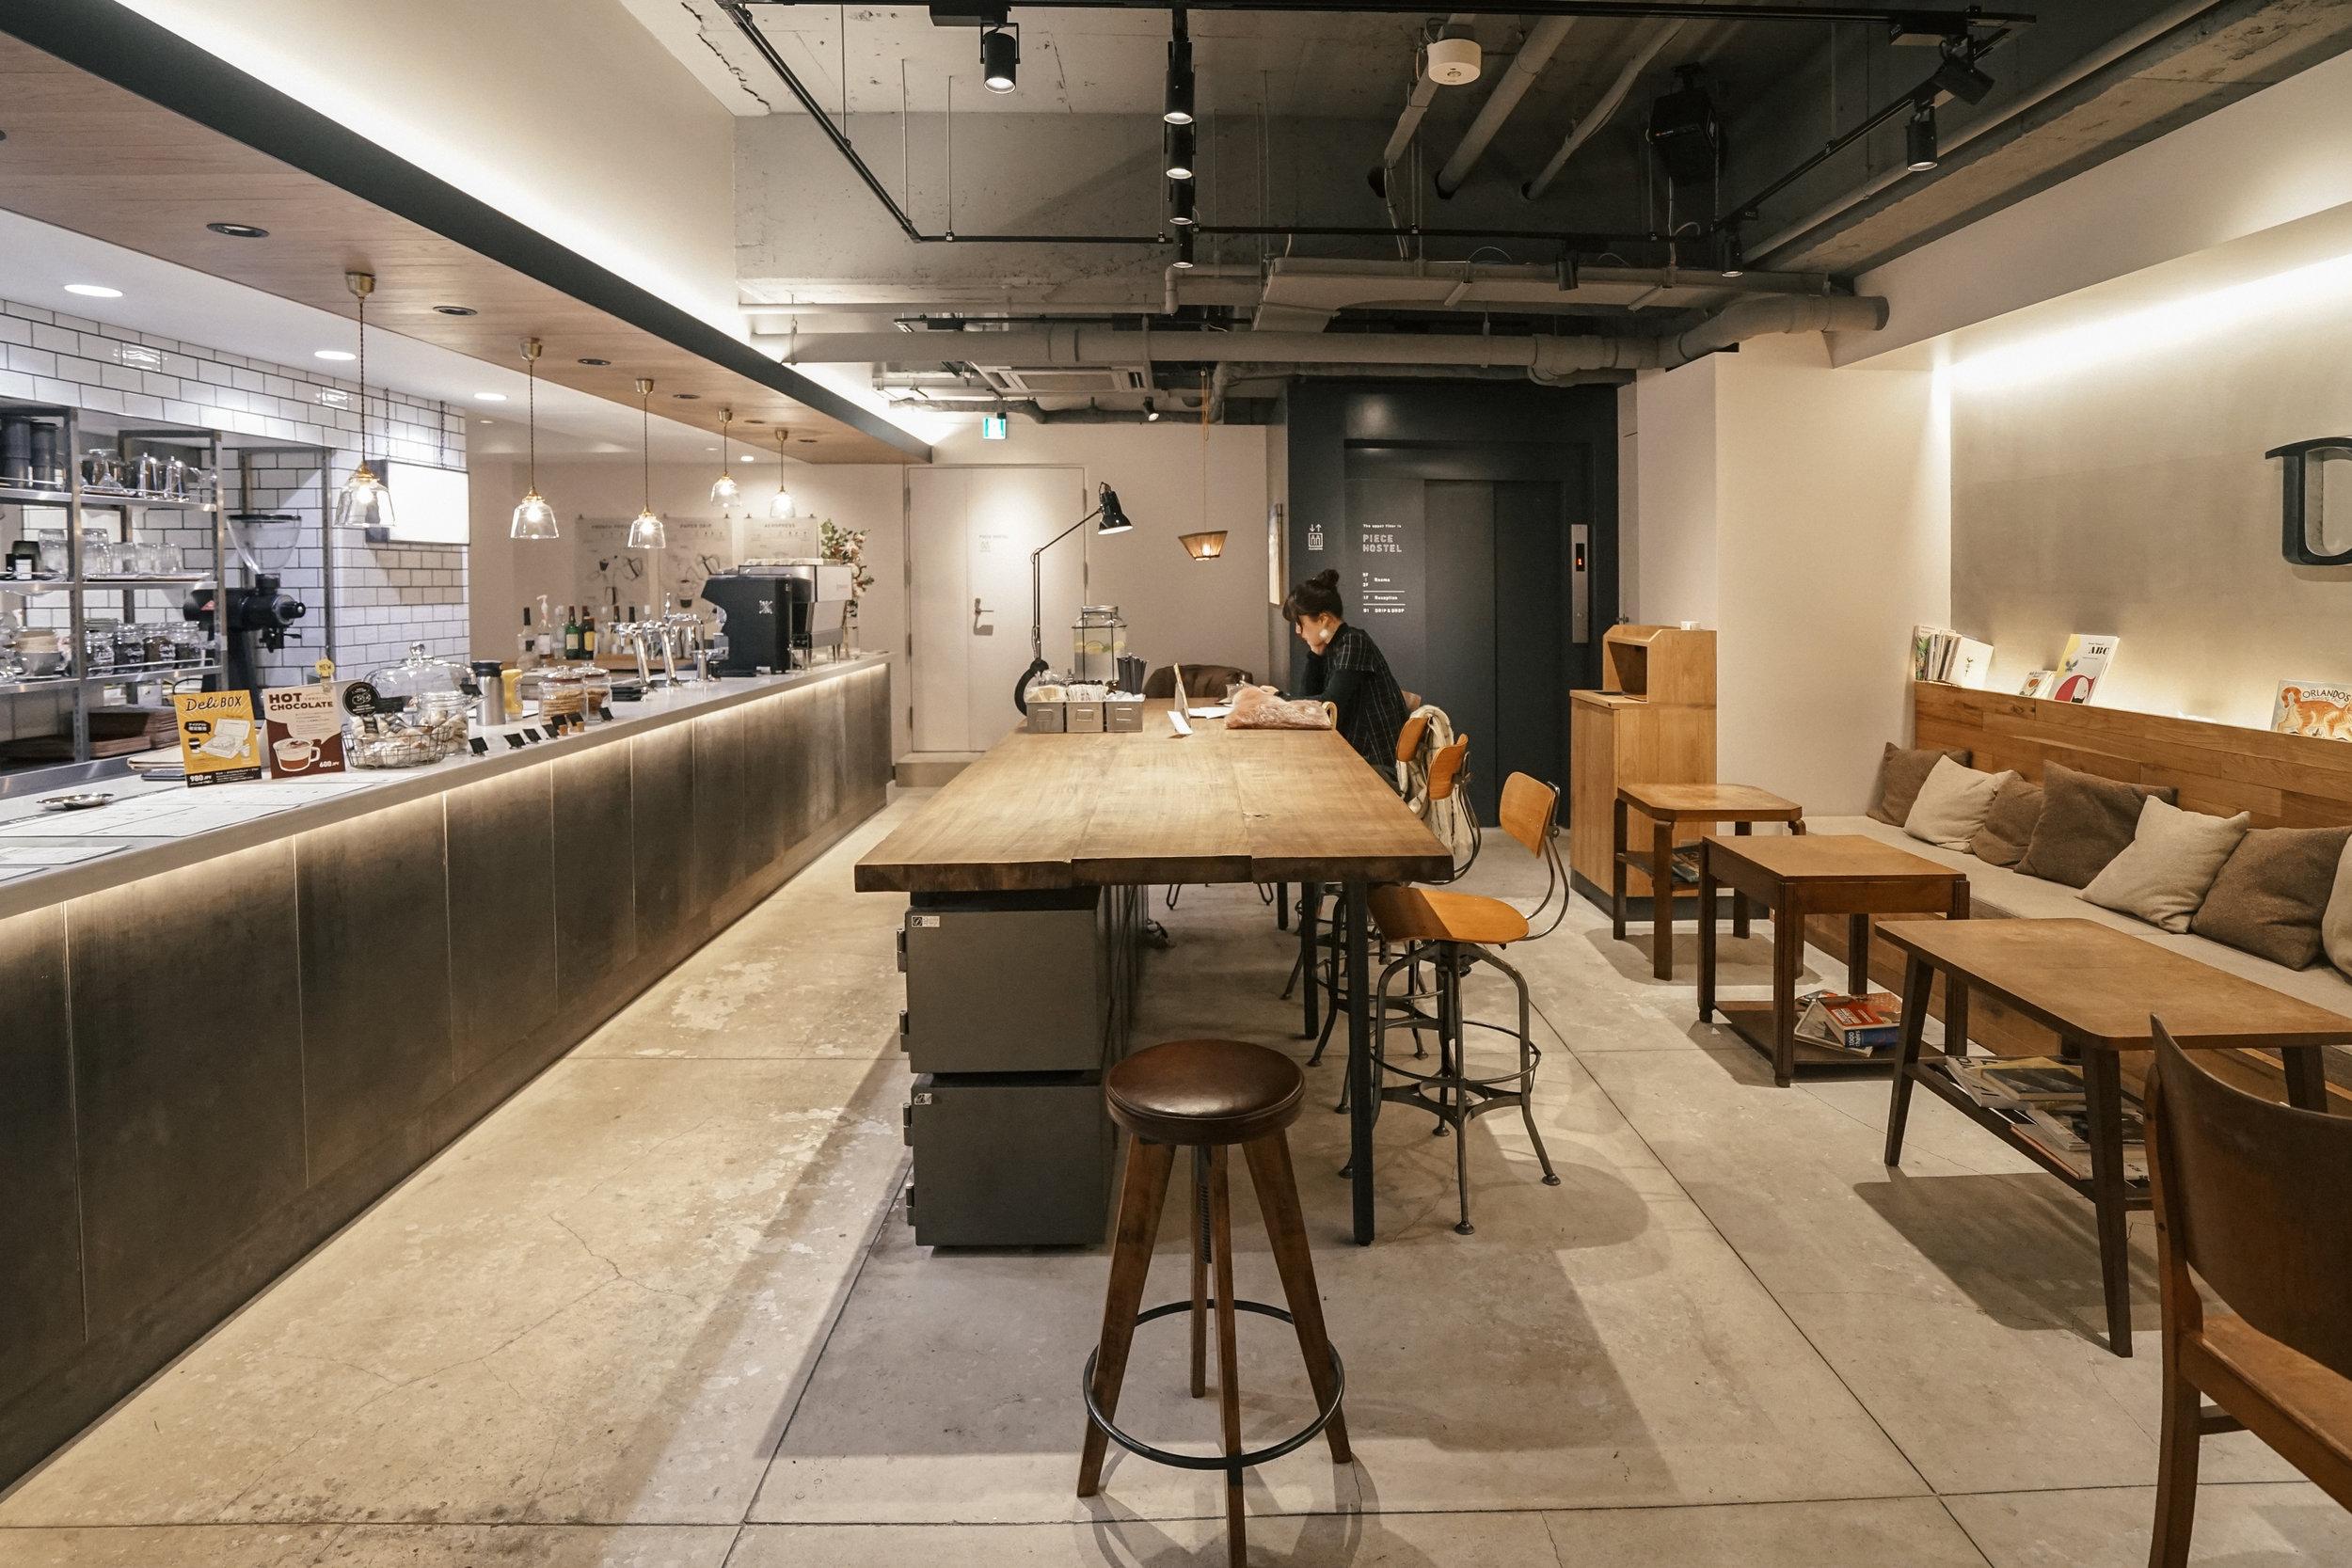 開放式的空間,讓人們在此更自由的交流咖啡喜好,彷彿藉由一杯美式或拿鐵,就能拉近人與人之間的距離。